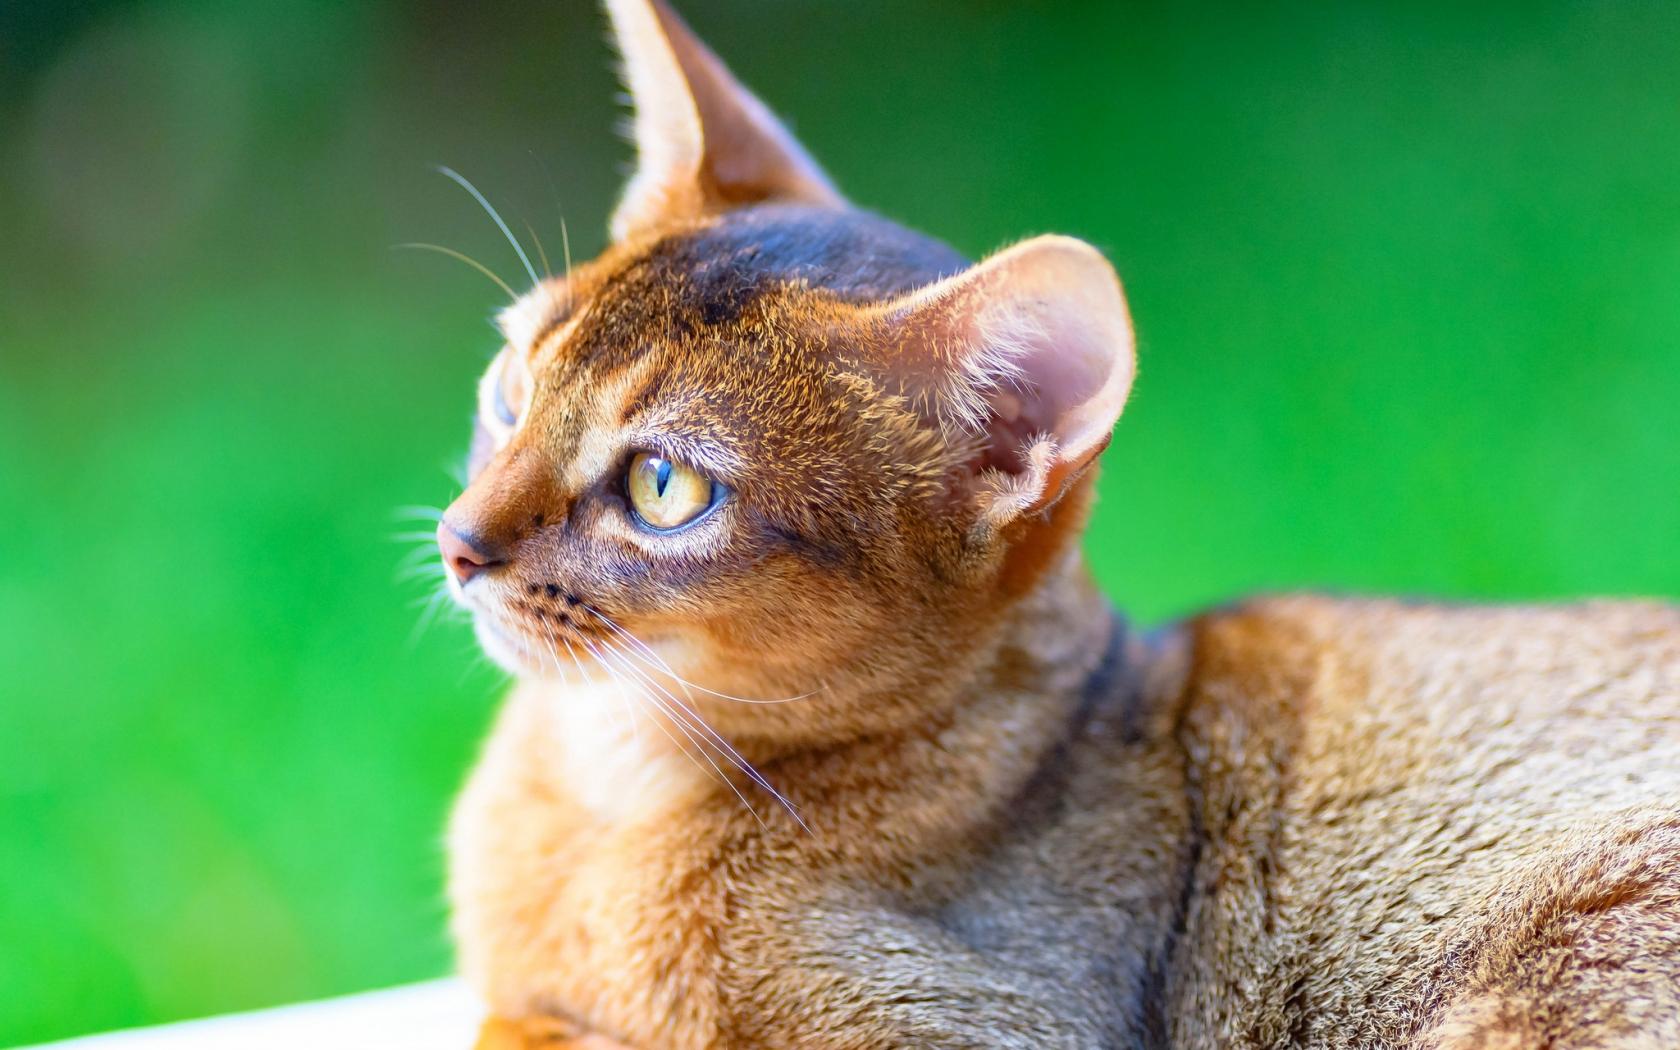 Un gato puma - 1680x1050